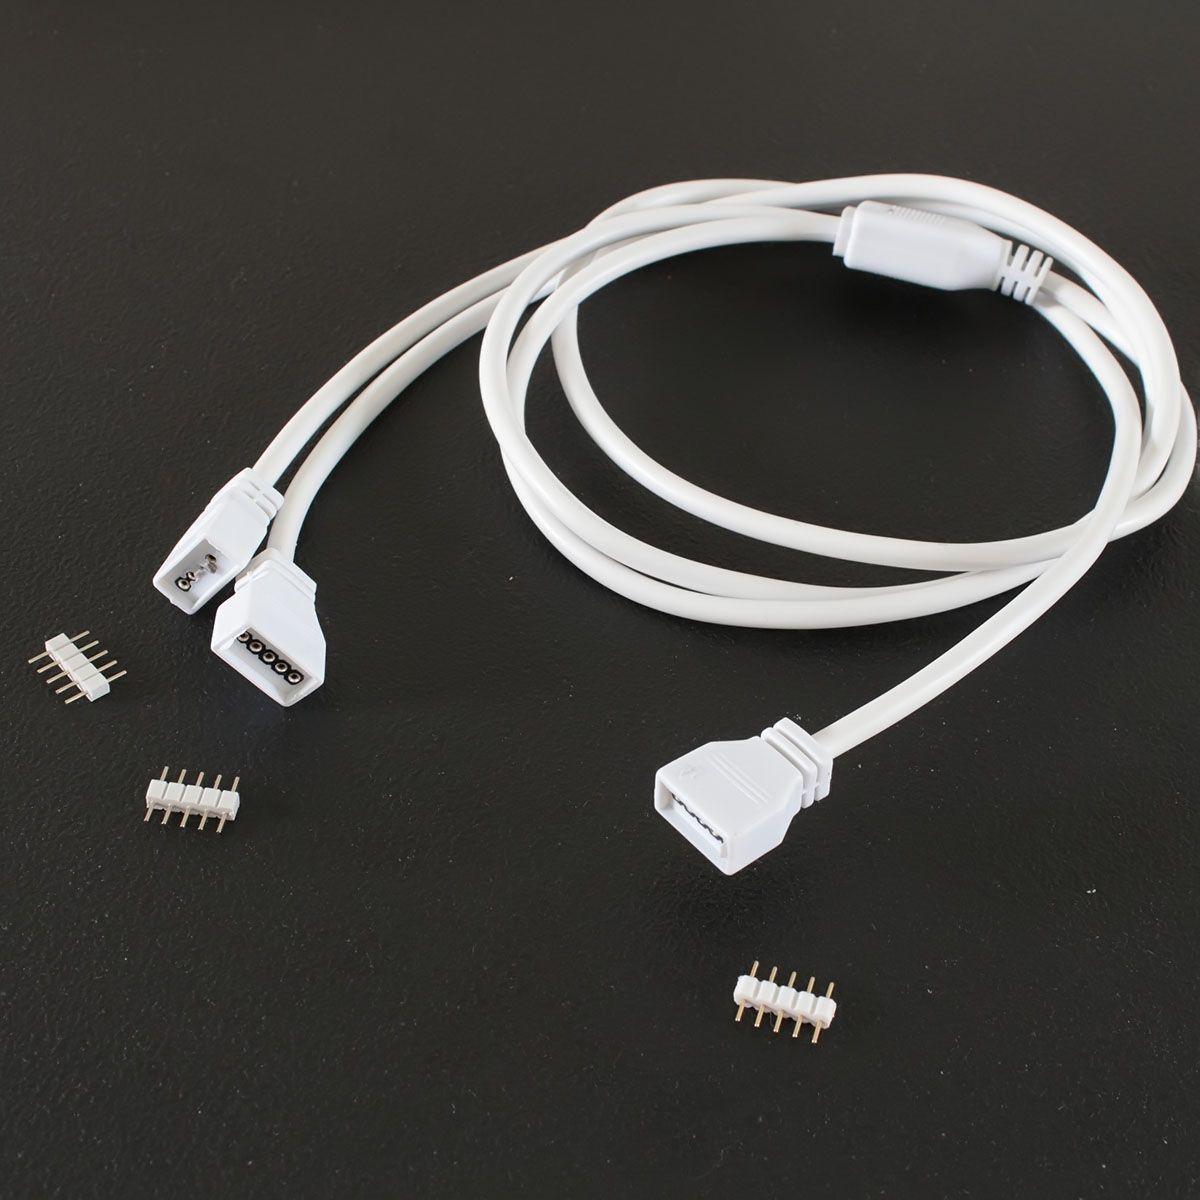 Quick-System 5polig 2.54 – Y-Verteilerkabel – 3x50cm